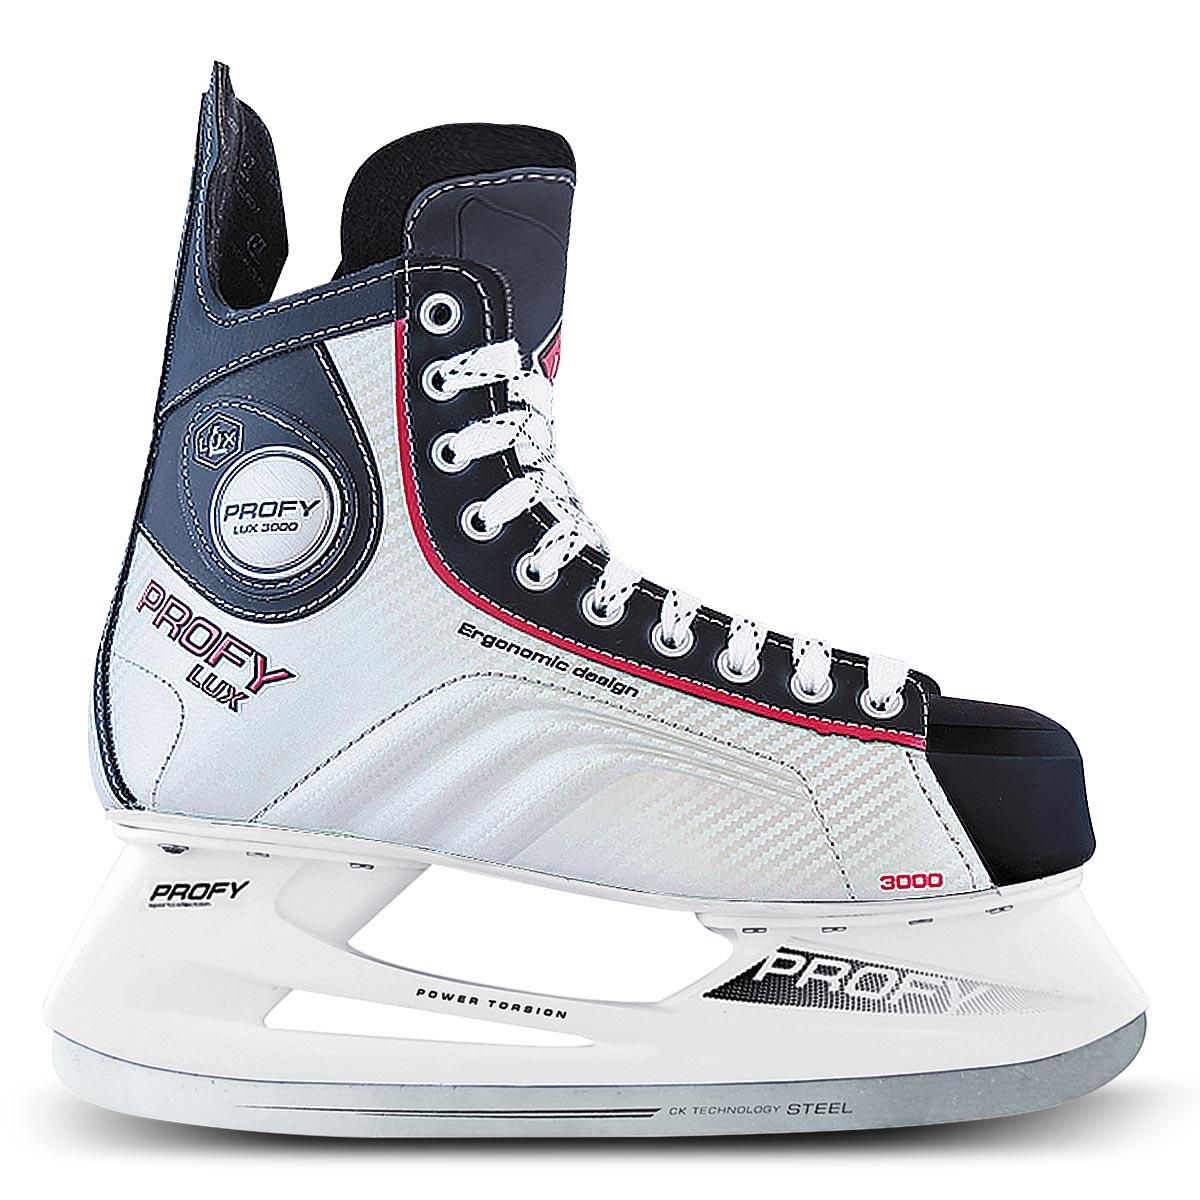 Коньки хоккейные мужские СК Profy Lux 3000, цвет: черный, серебряный, красный. Размер 42 PROFY LUX 3000 Red_42